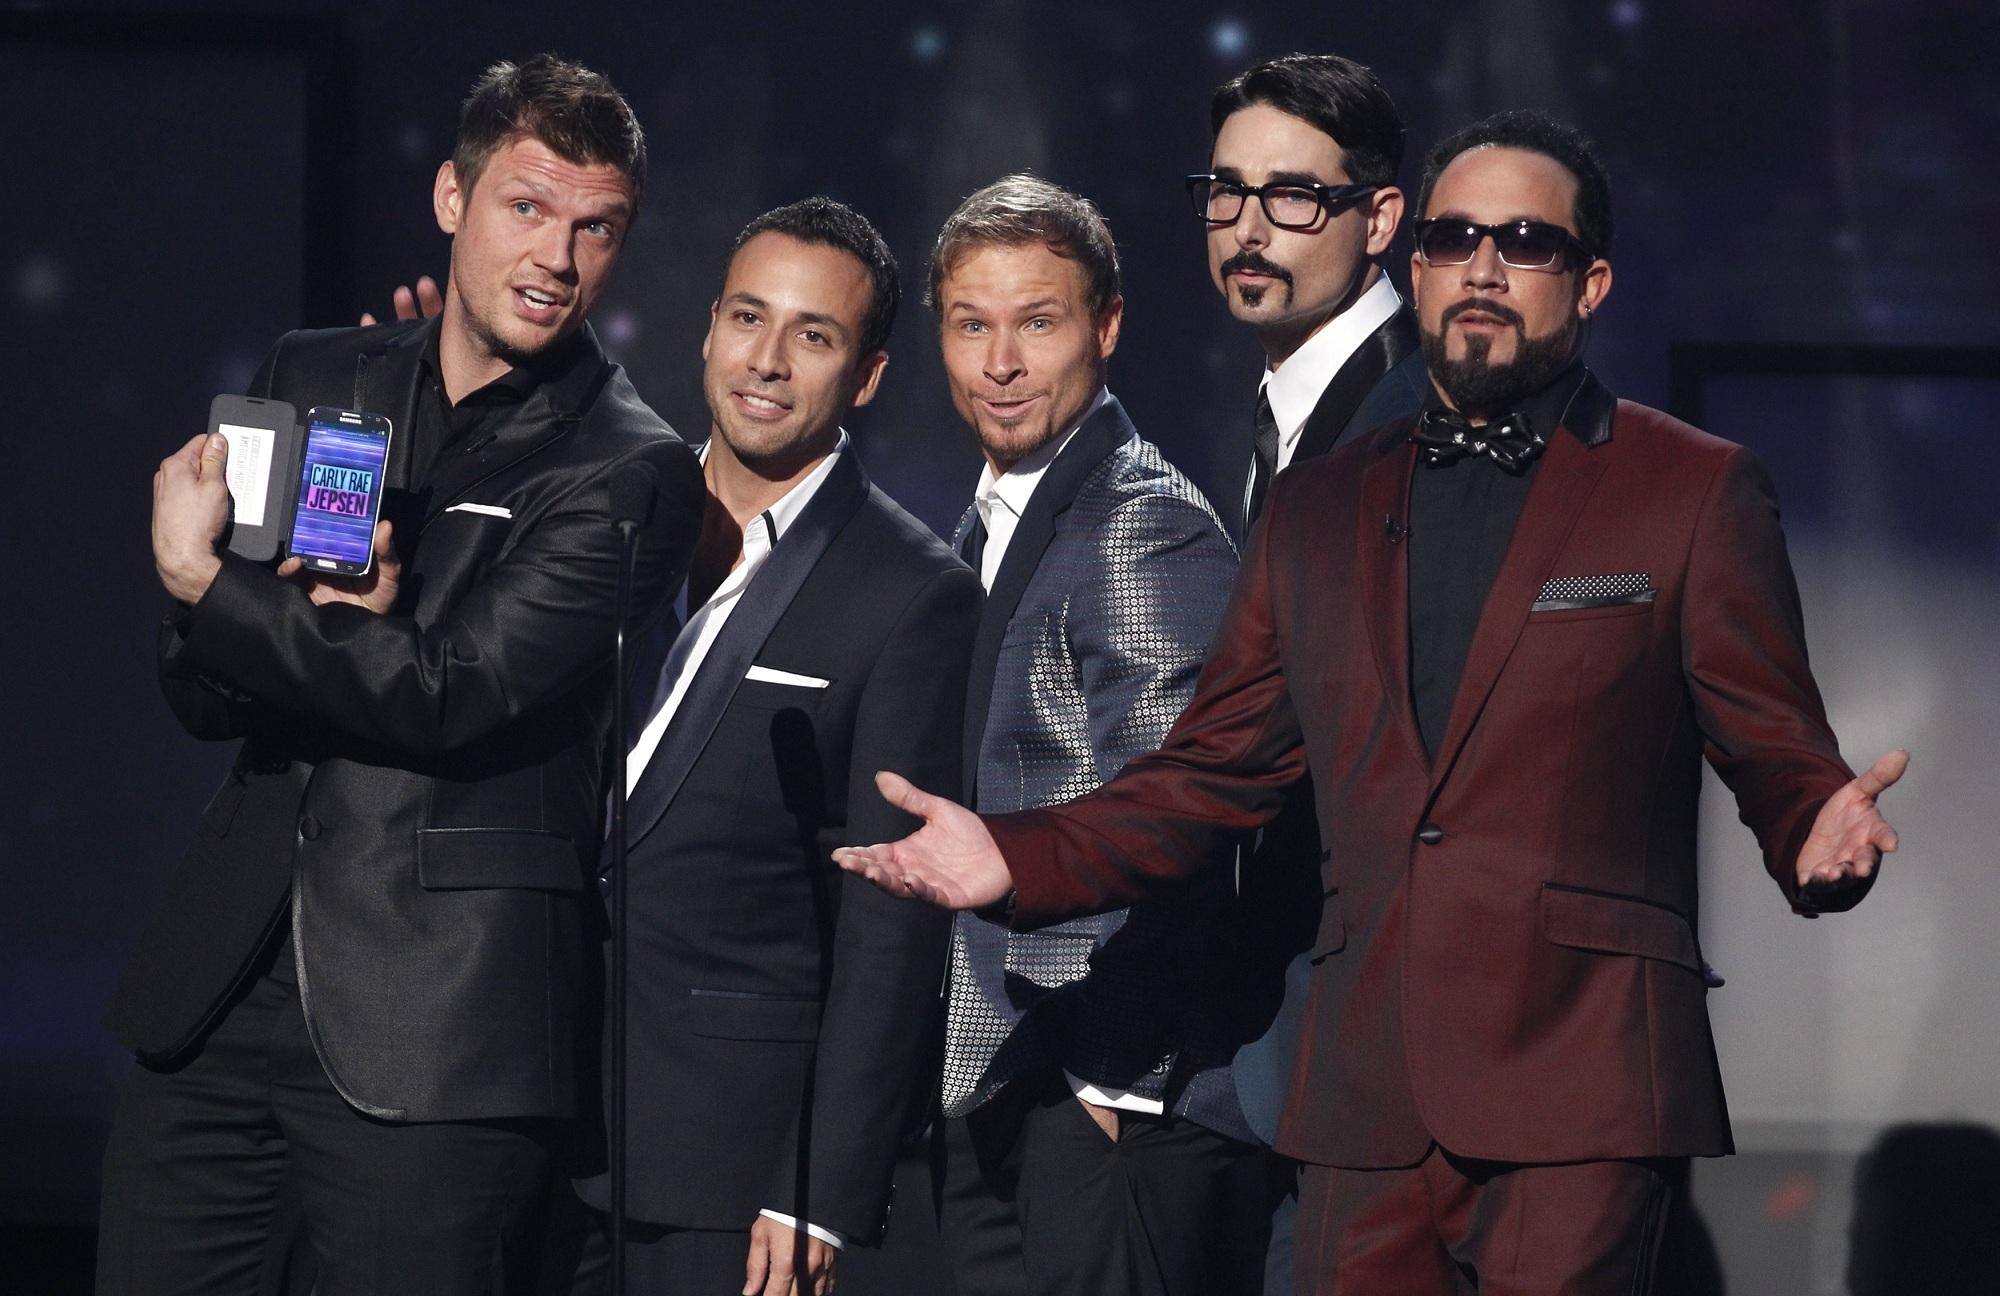 مشاهير الغناء في العالم يحيون حفلا خيريا من منازلهم لصالح محاربي كورونا